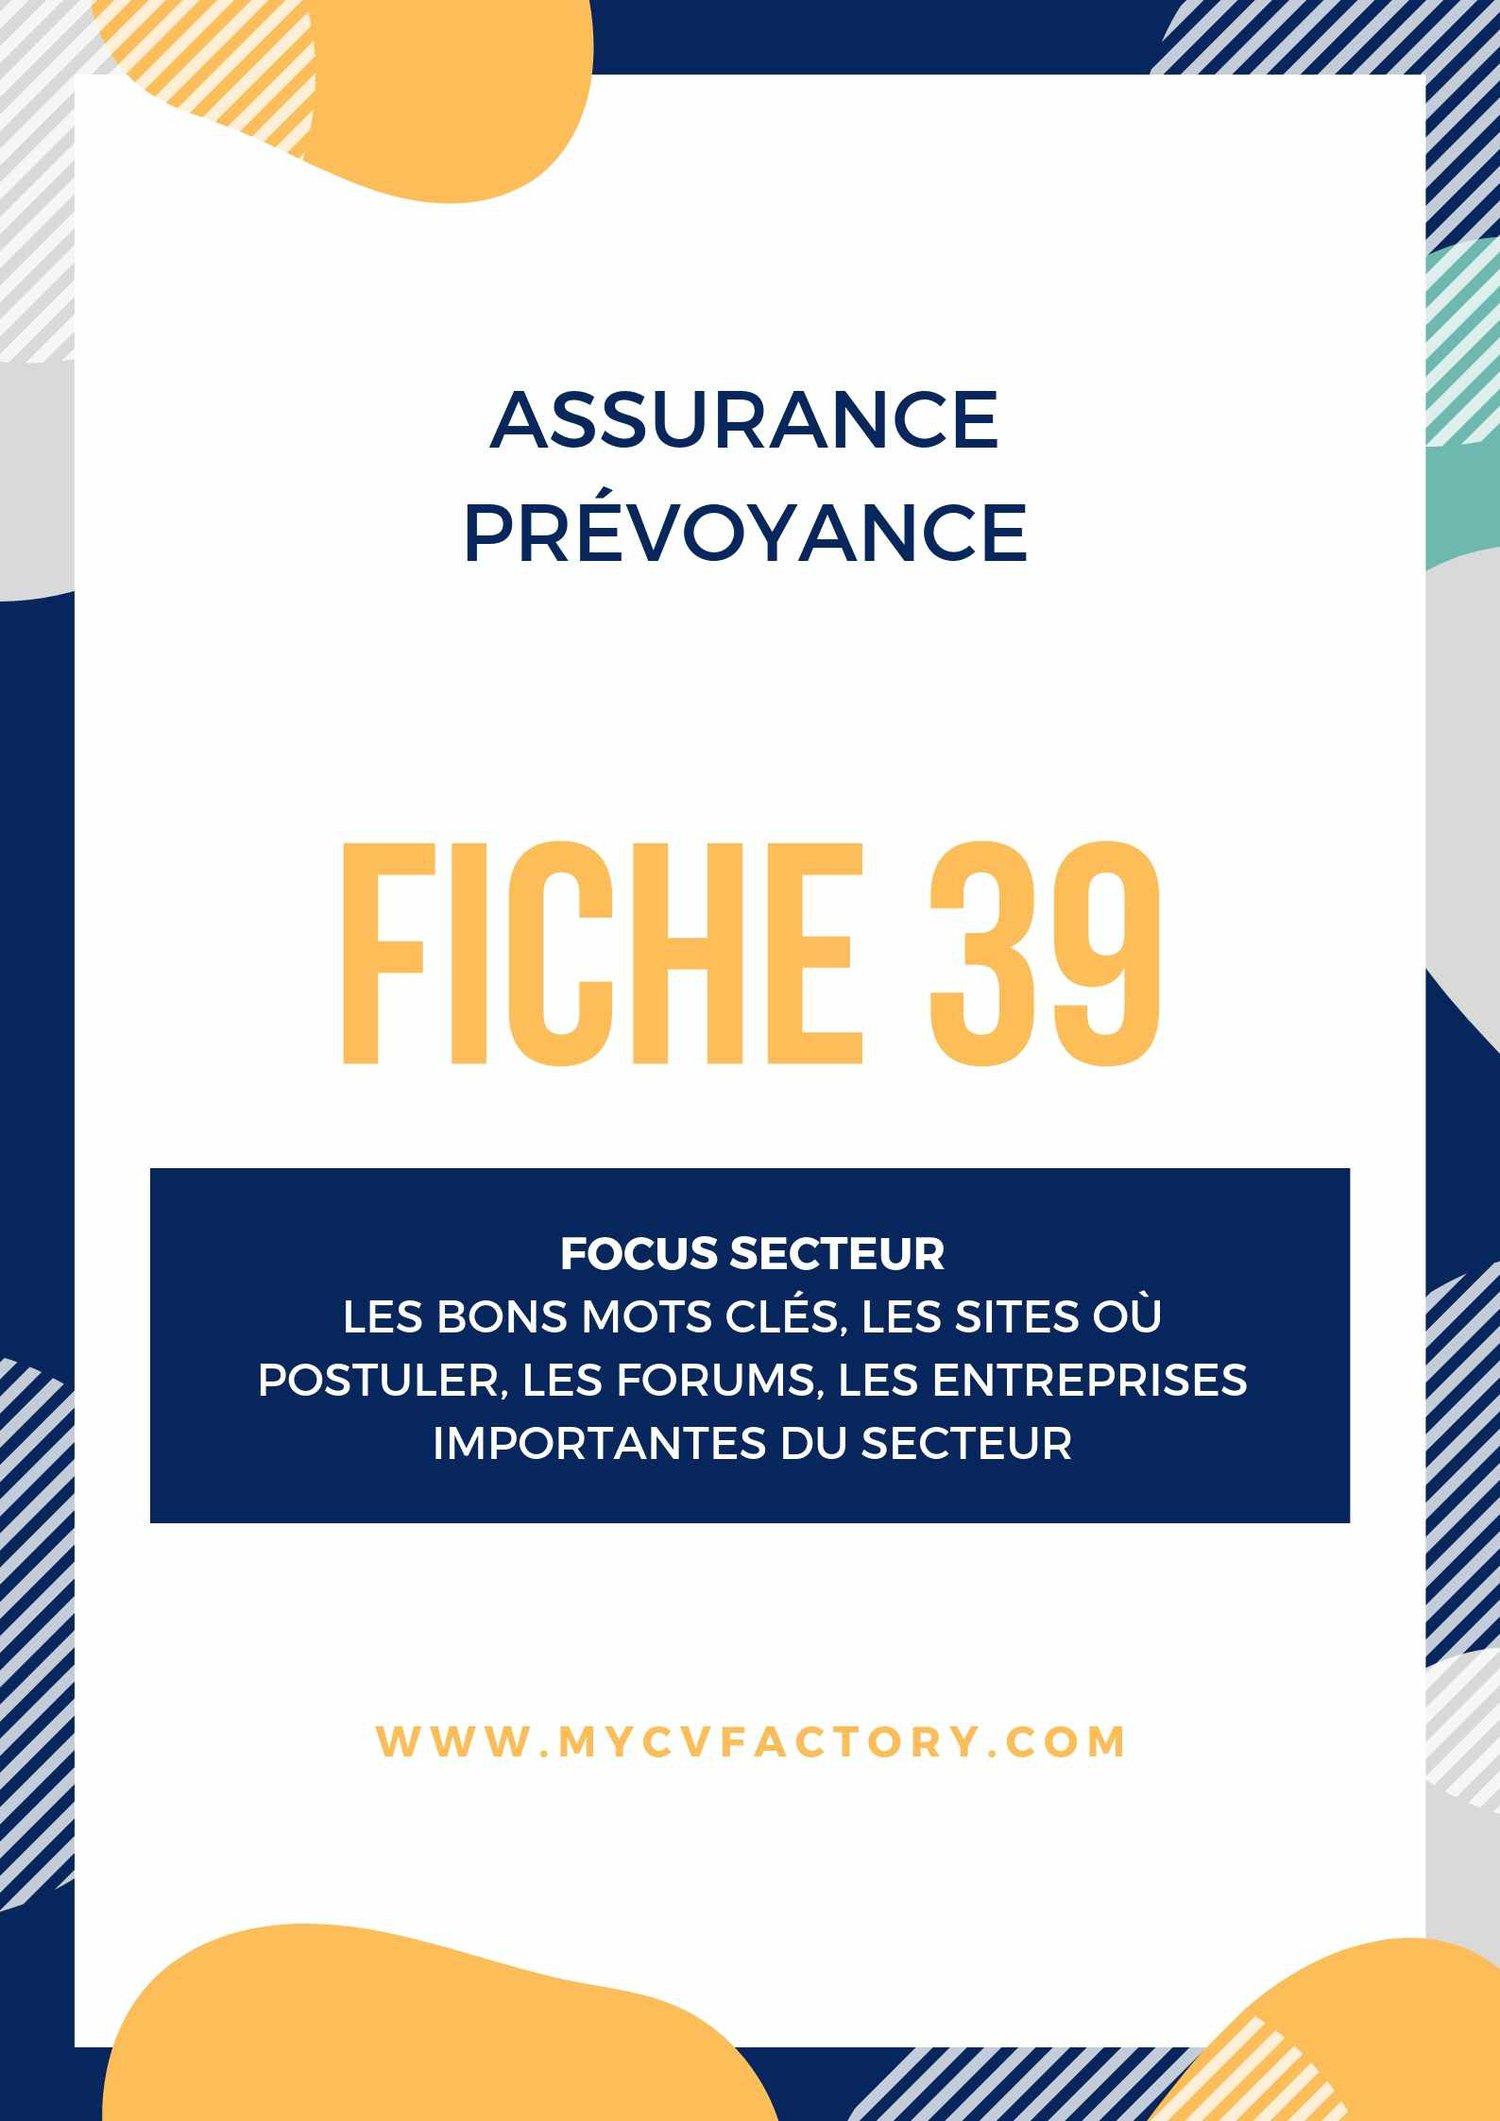 CV sociétés d'assurance